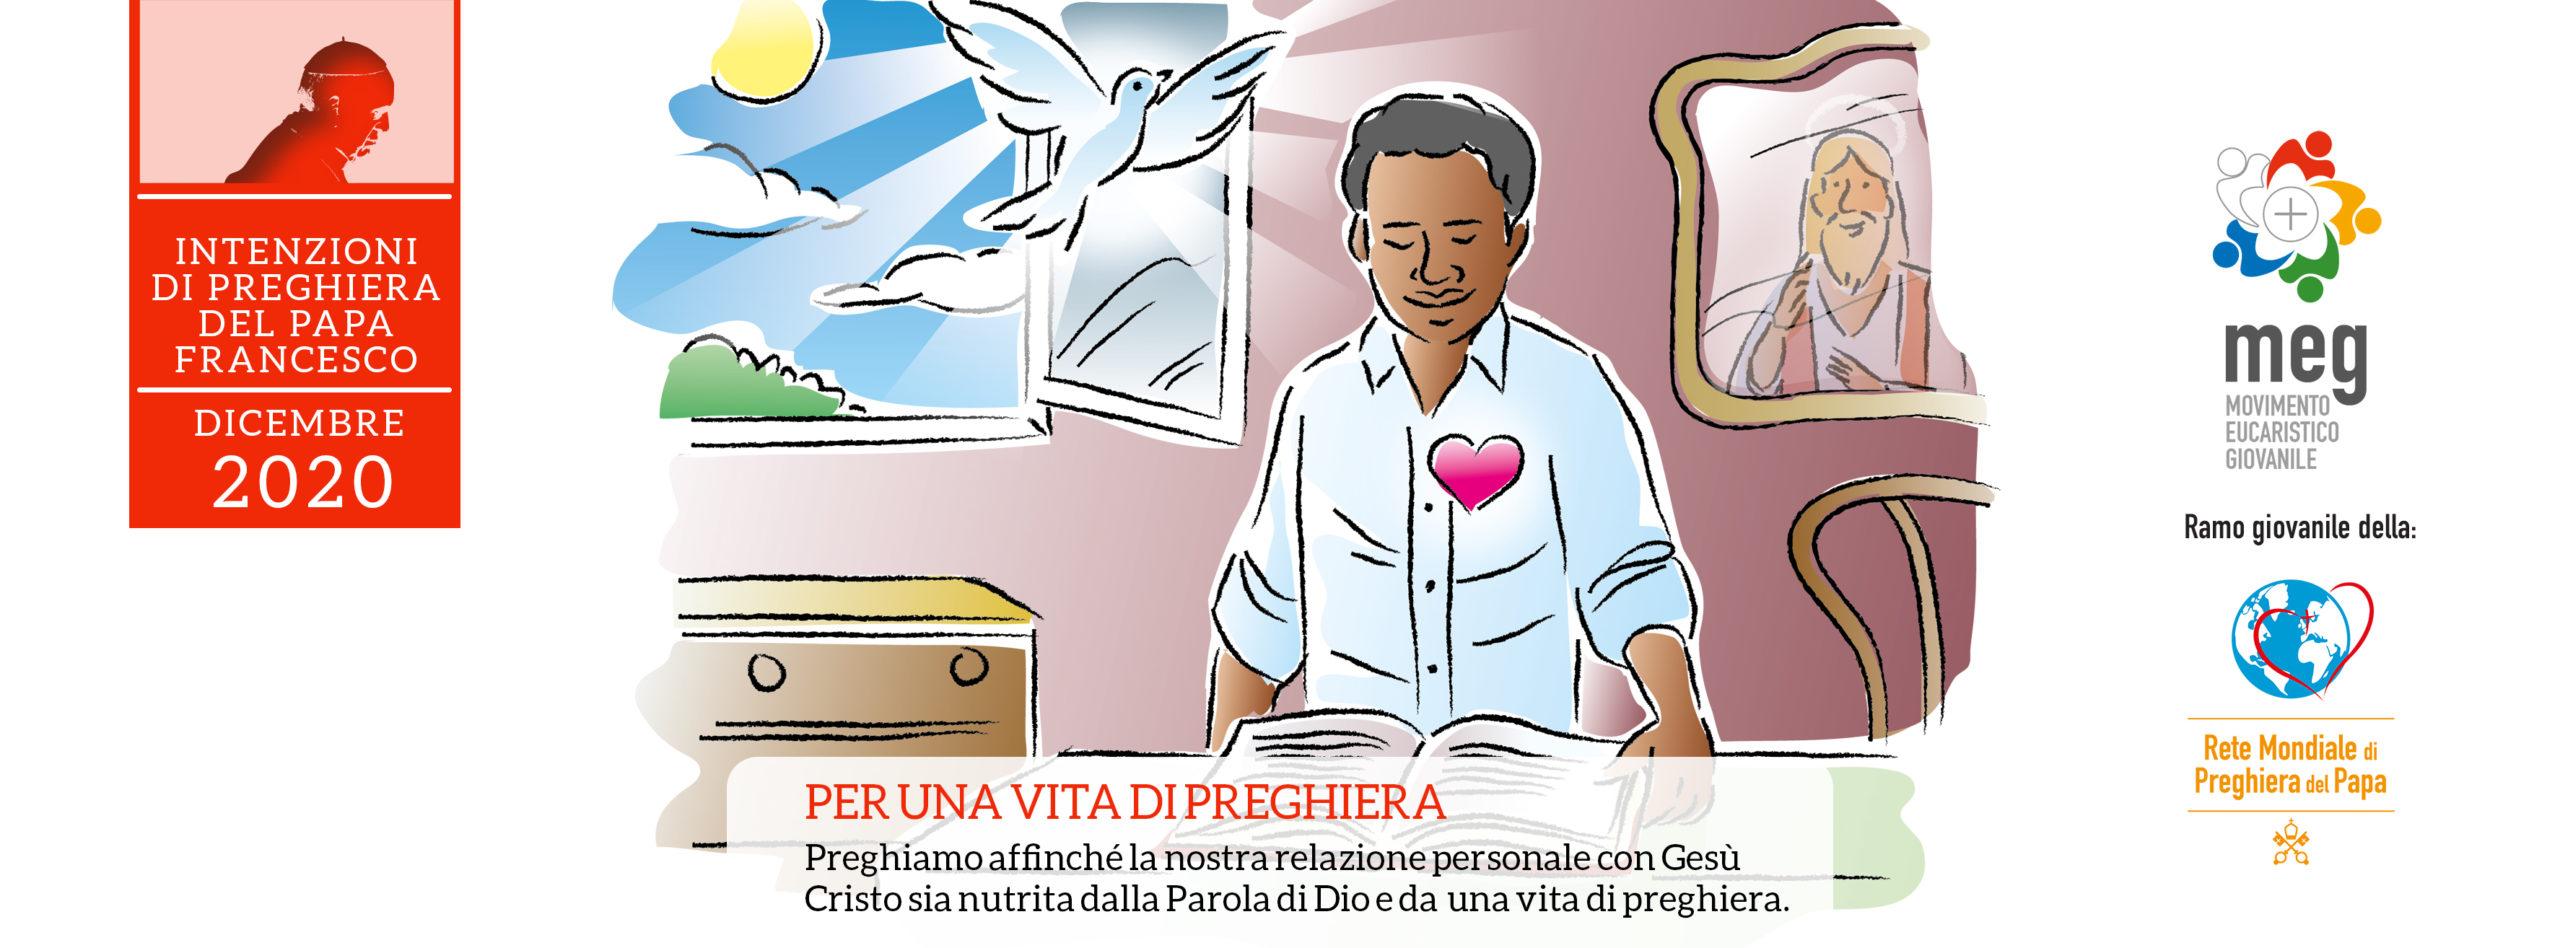 intezione di preghiera dicembre 2020 illustrazione